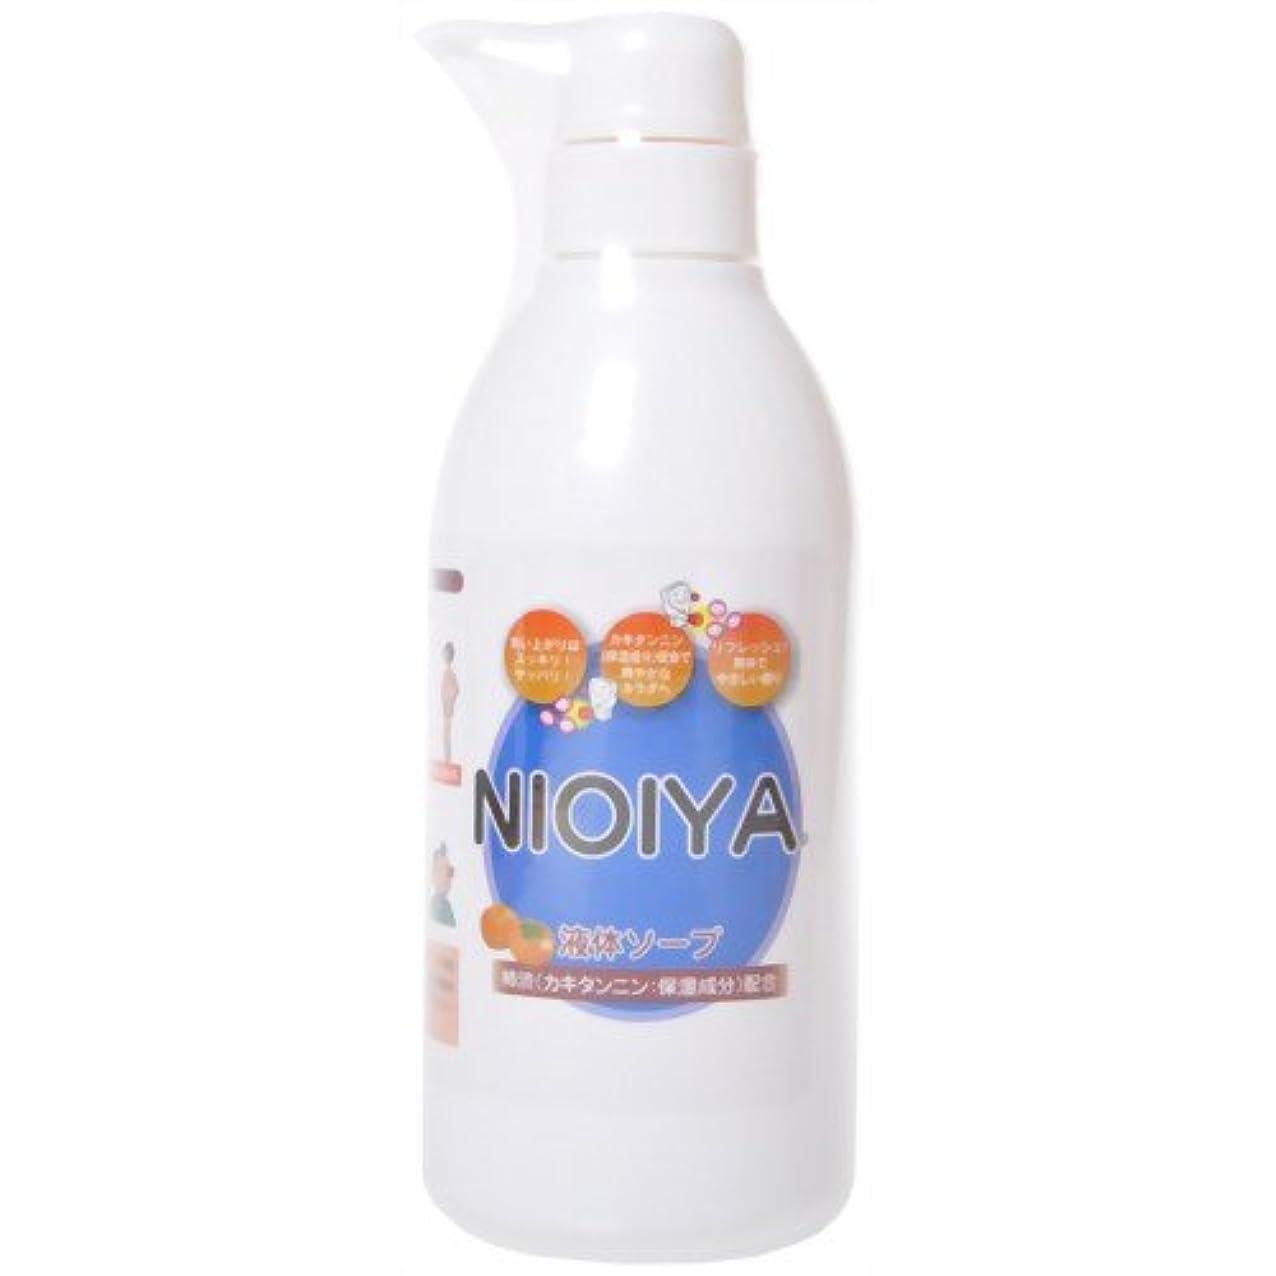 油閉塞理容室NIOIYA 柿渋配合 液体ソープ 500ml